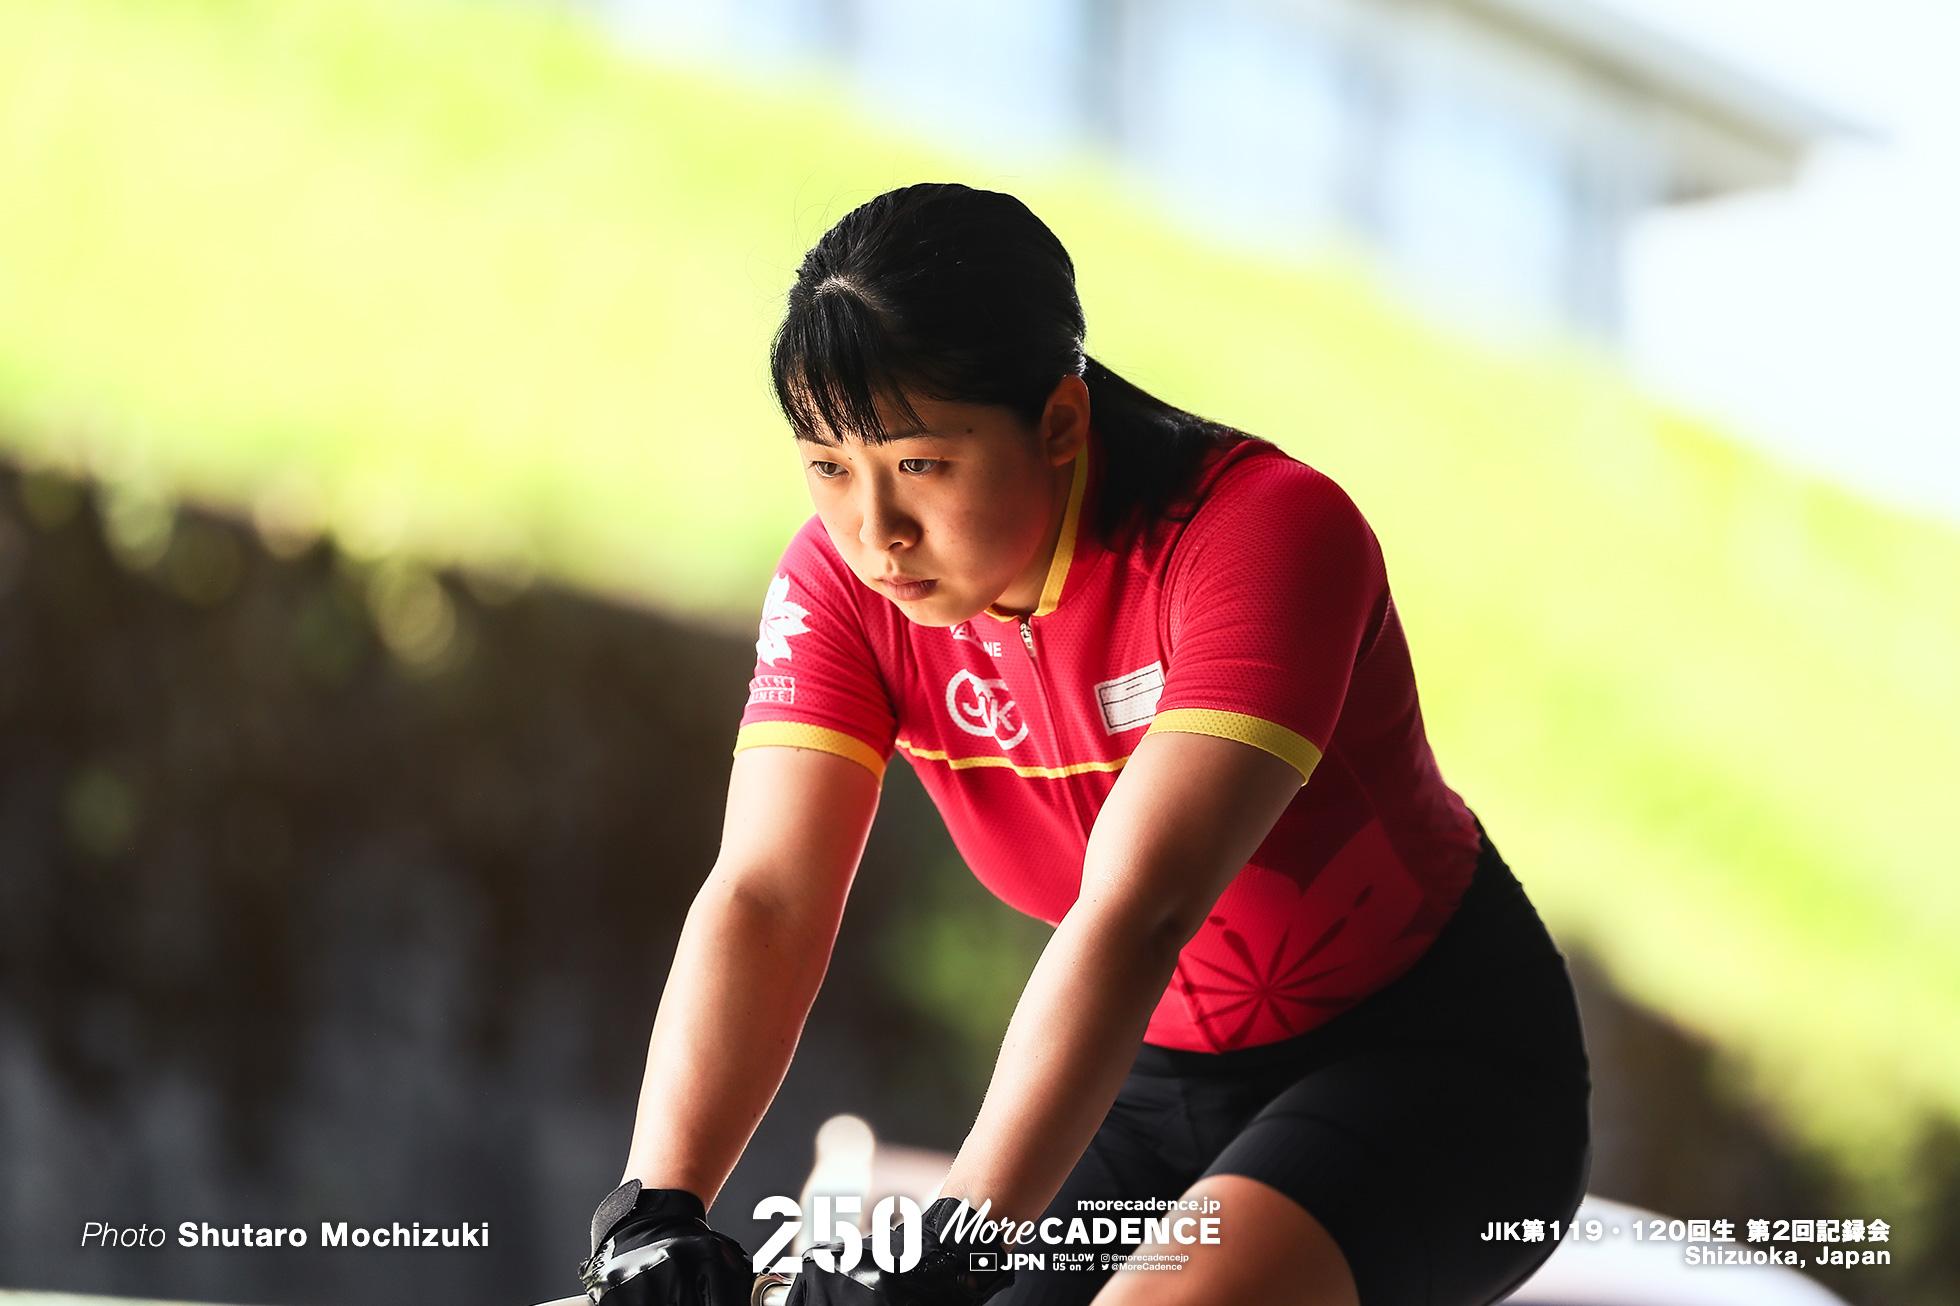 日本競輪選手養成所 JIK 第119・120回生 第2回記録会